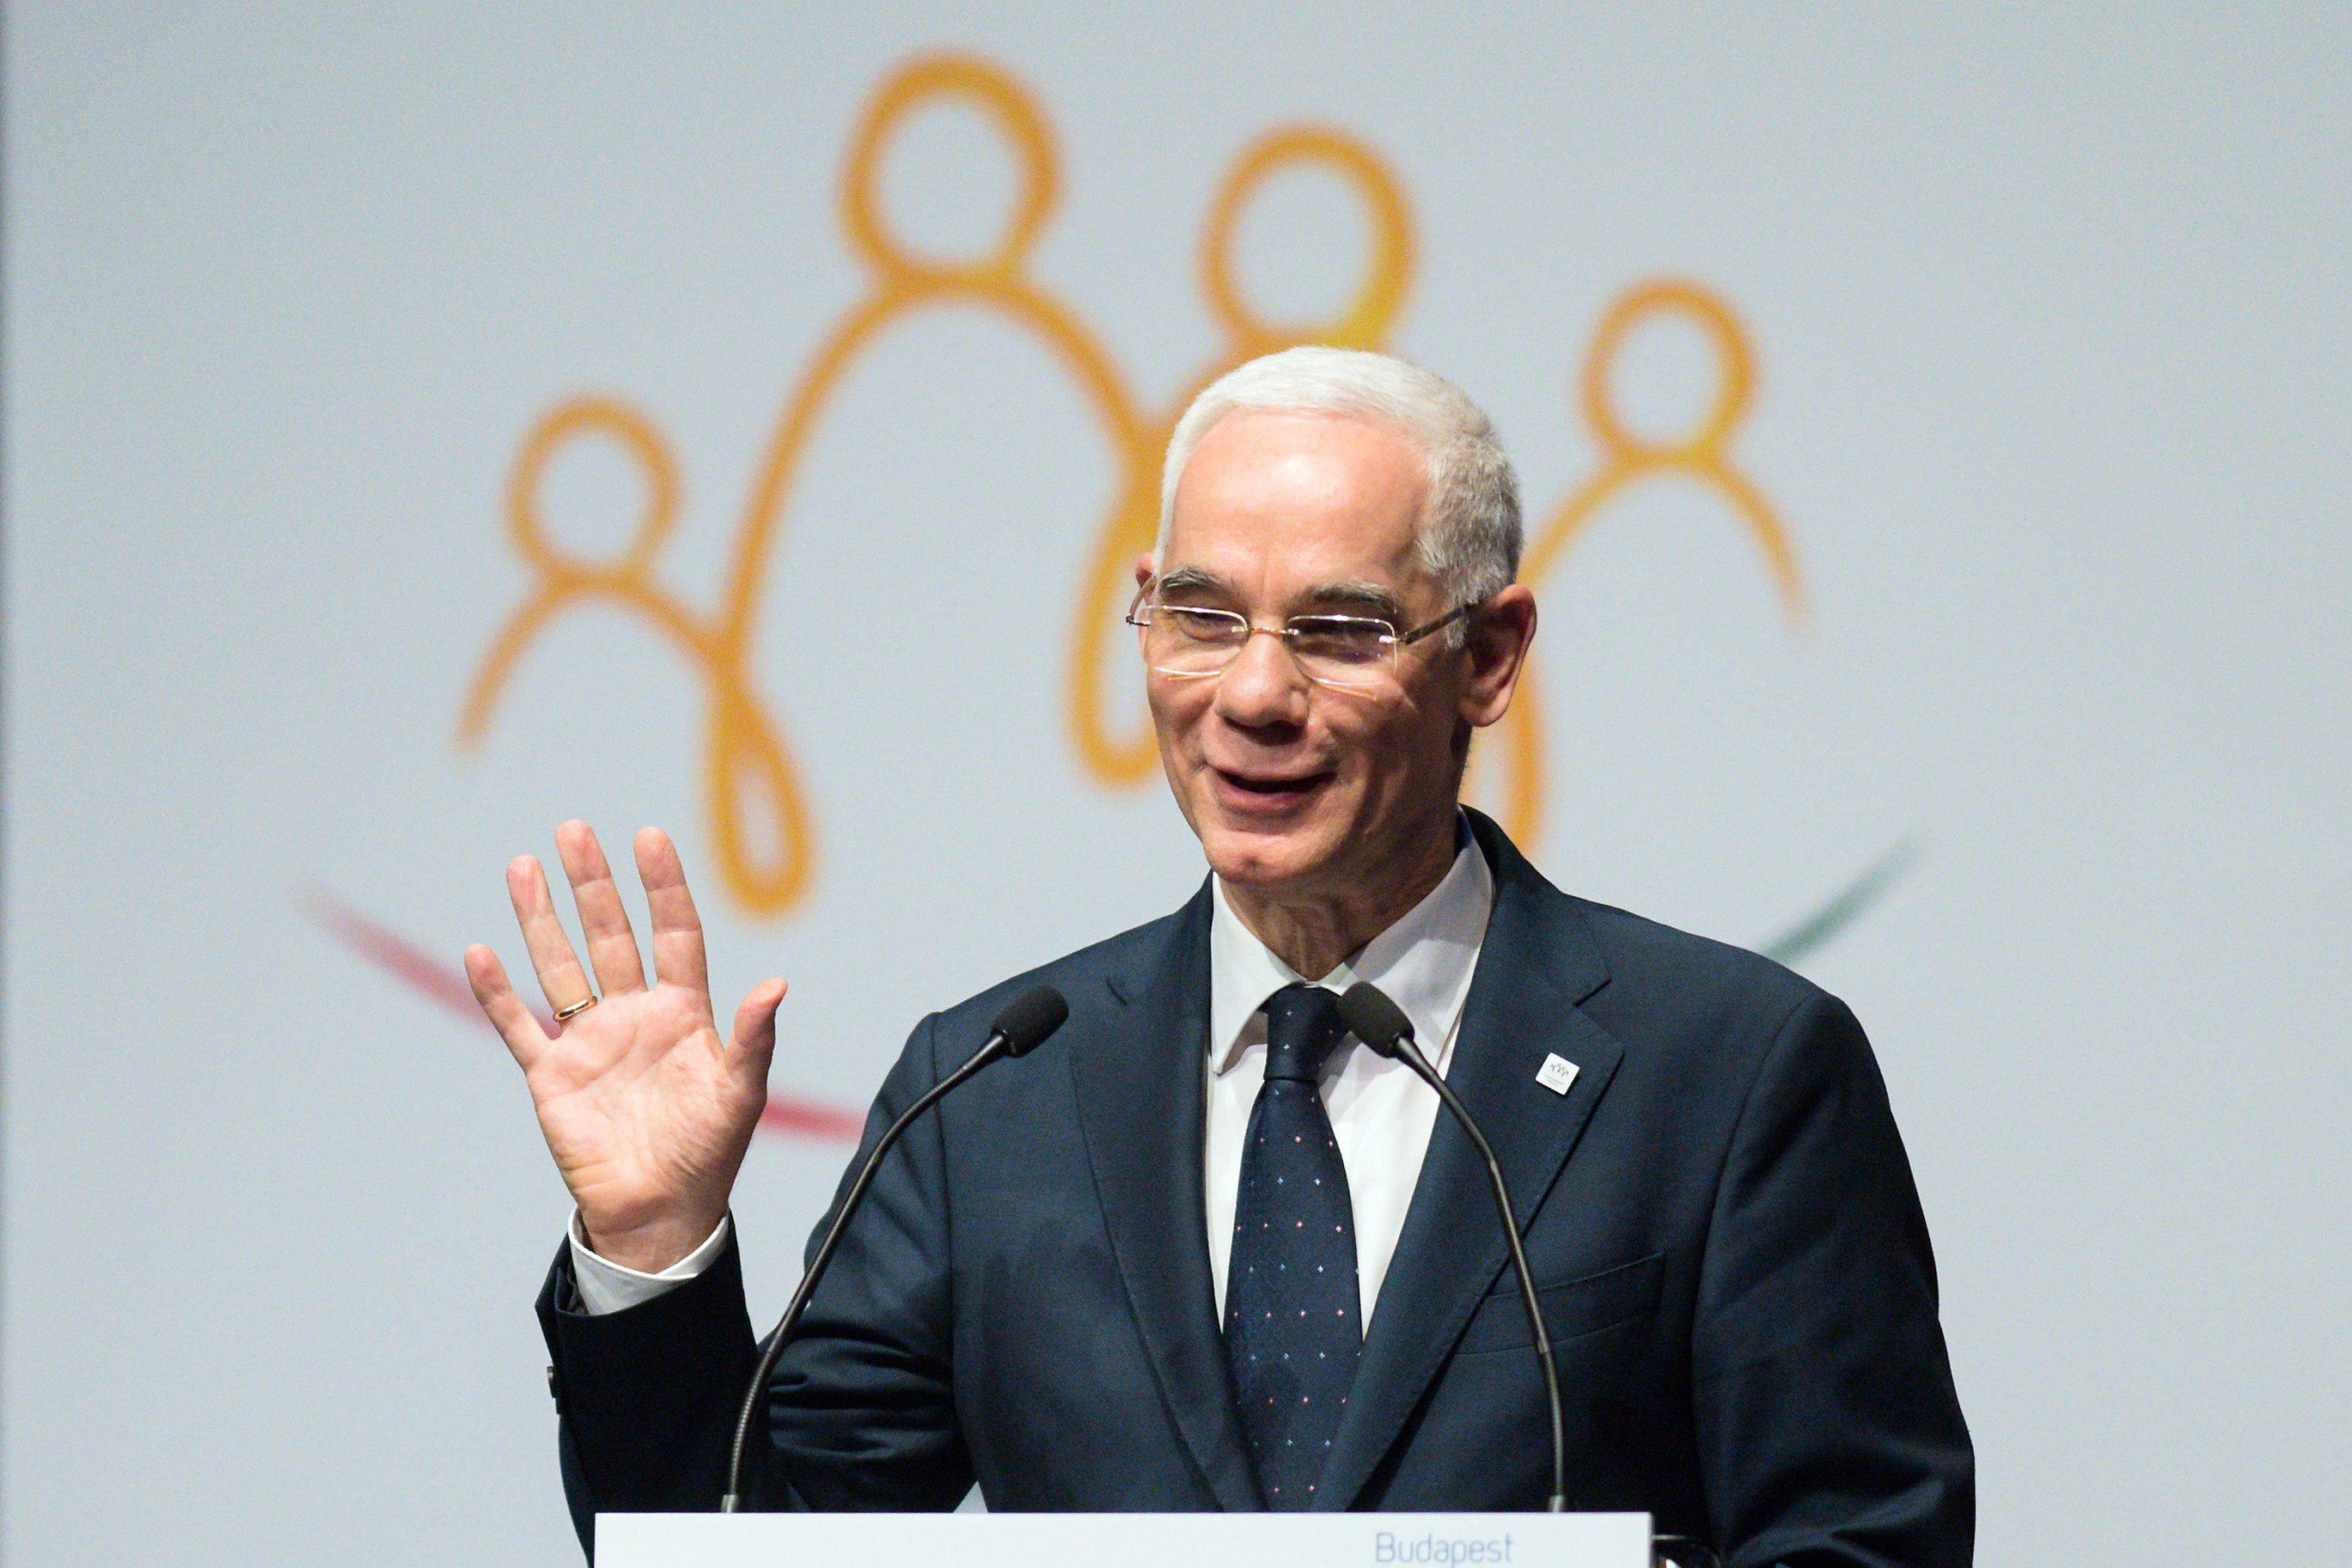 Balog Zoltán 1 milliós pénzjutalommal járó díjat kapott a Szeged-Csanádi Egyházmegyétől